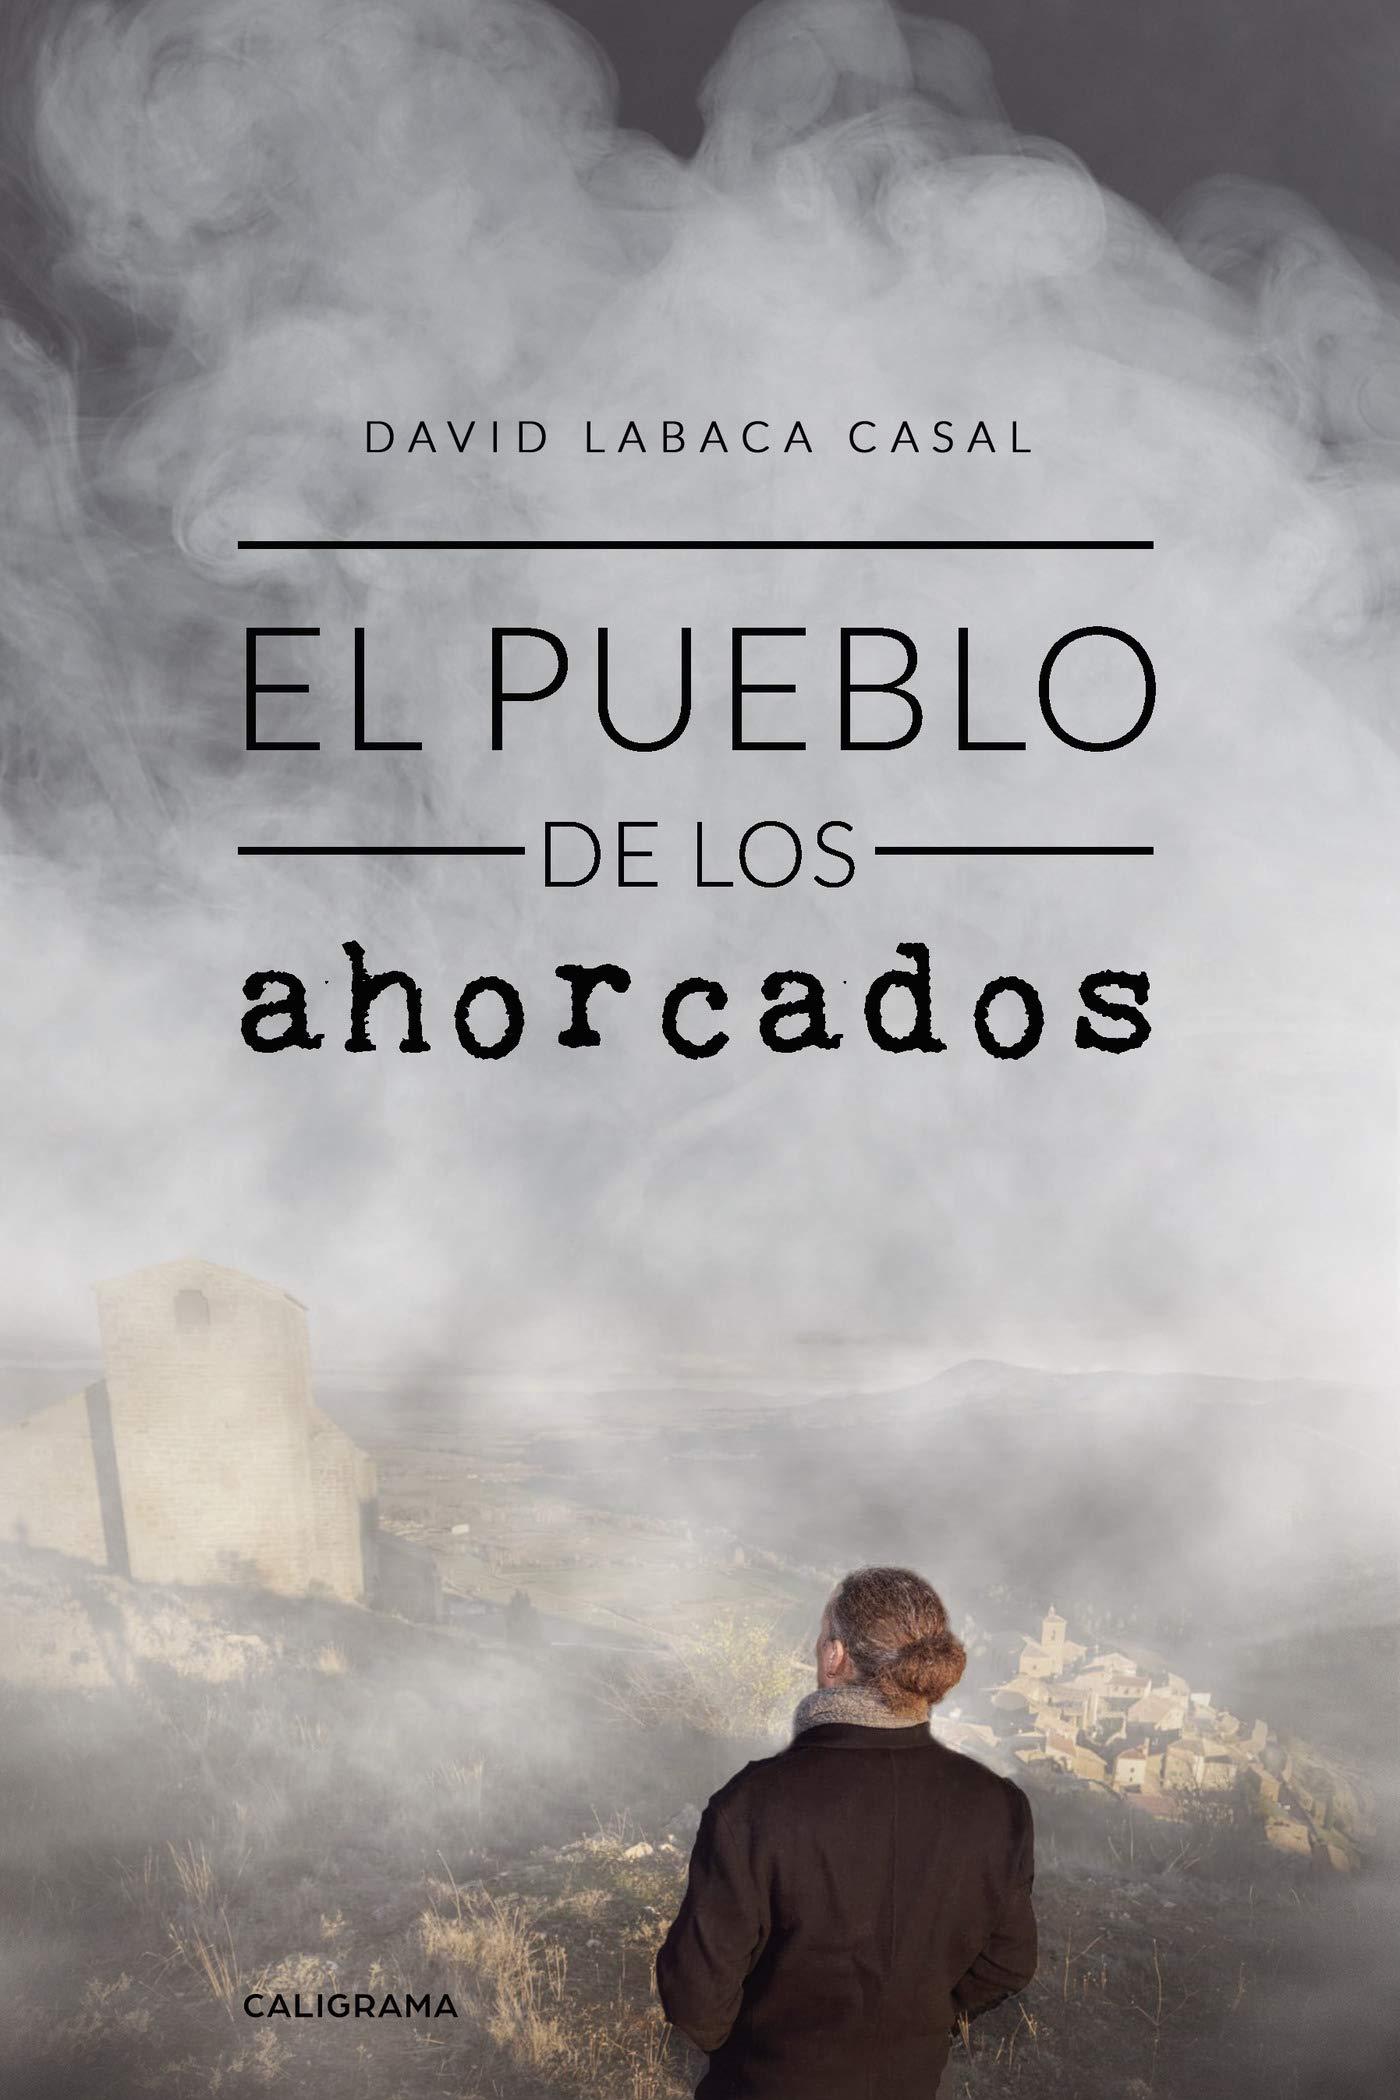 El pueblo de los ahorcados (David Labaca Casal, 2019)